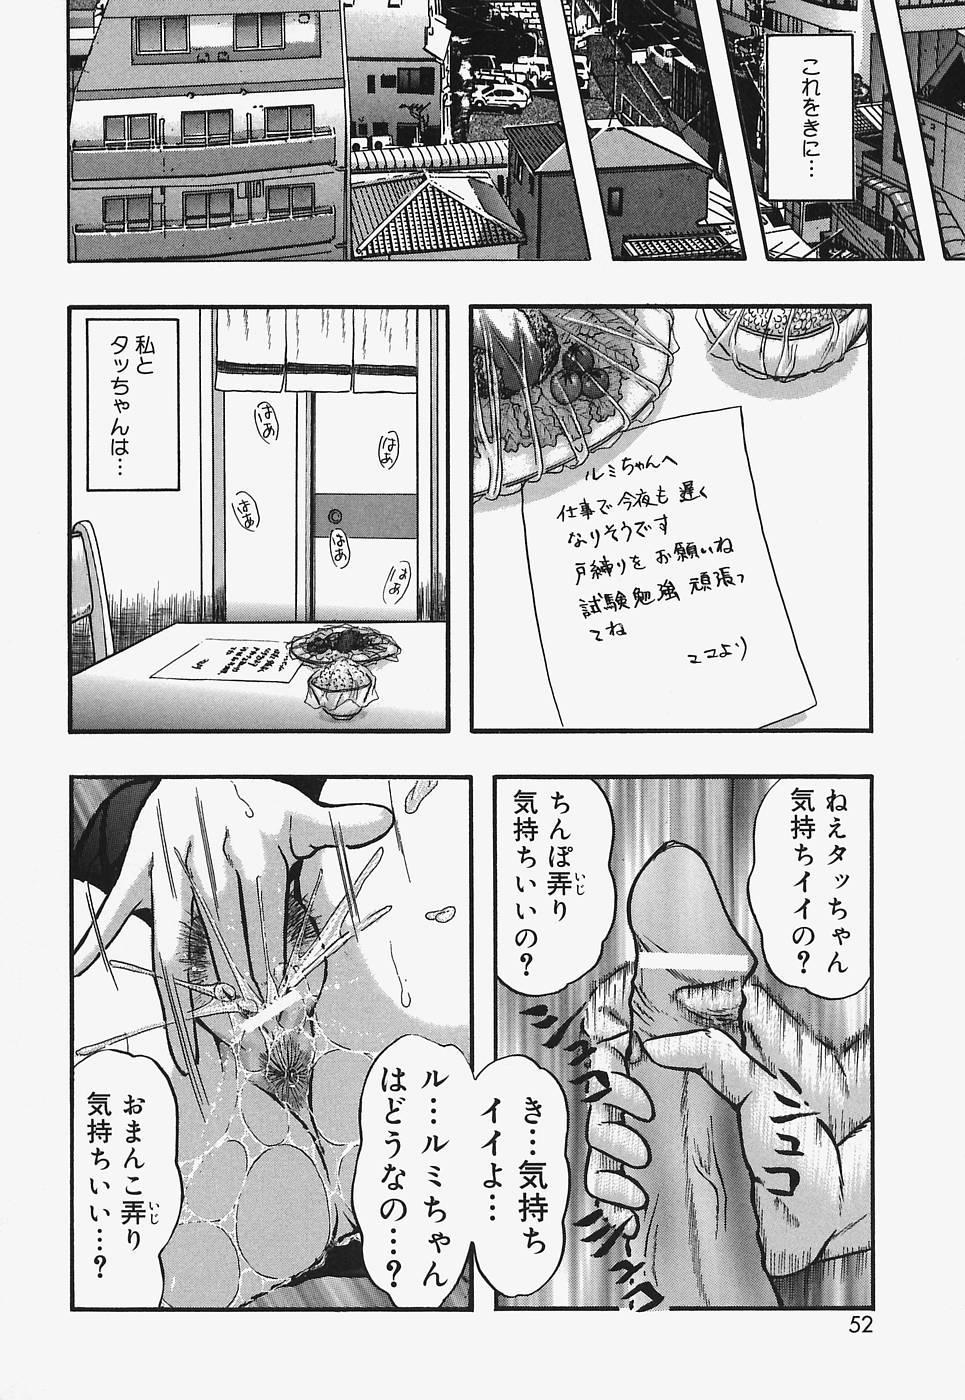 Nurunuru Syoujyo Jiru 51